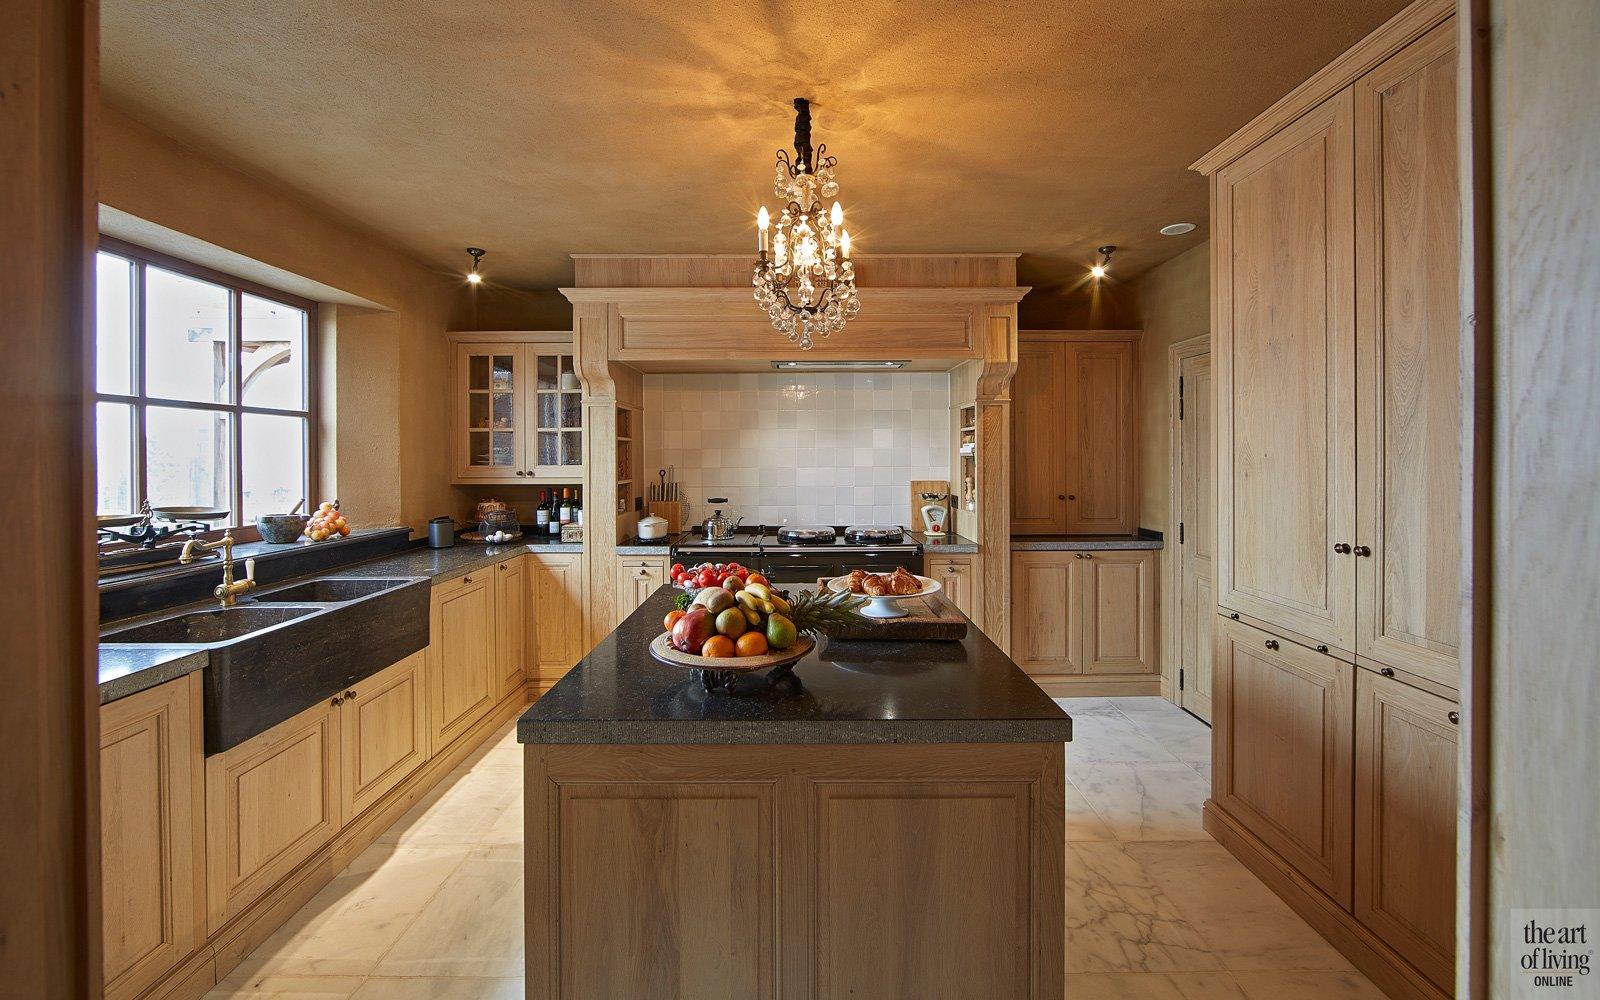 Massief eik, Keuken, licht marmeren natuursteen vloer, fornuis van Aga, geïnstalleerd door d'Verte